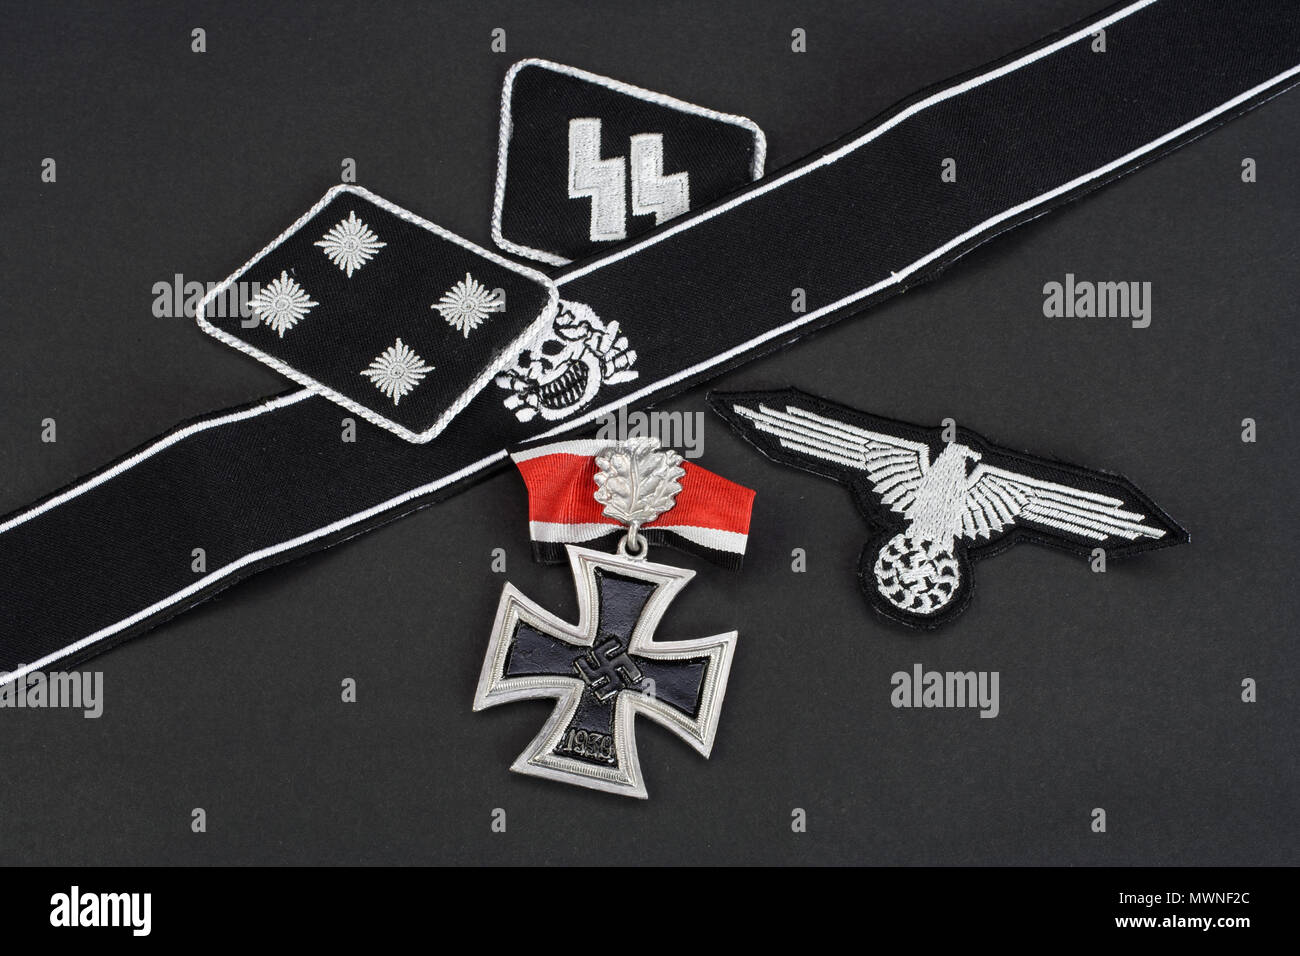 WW2 German Waffen-SS military insignia Stock Photo